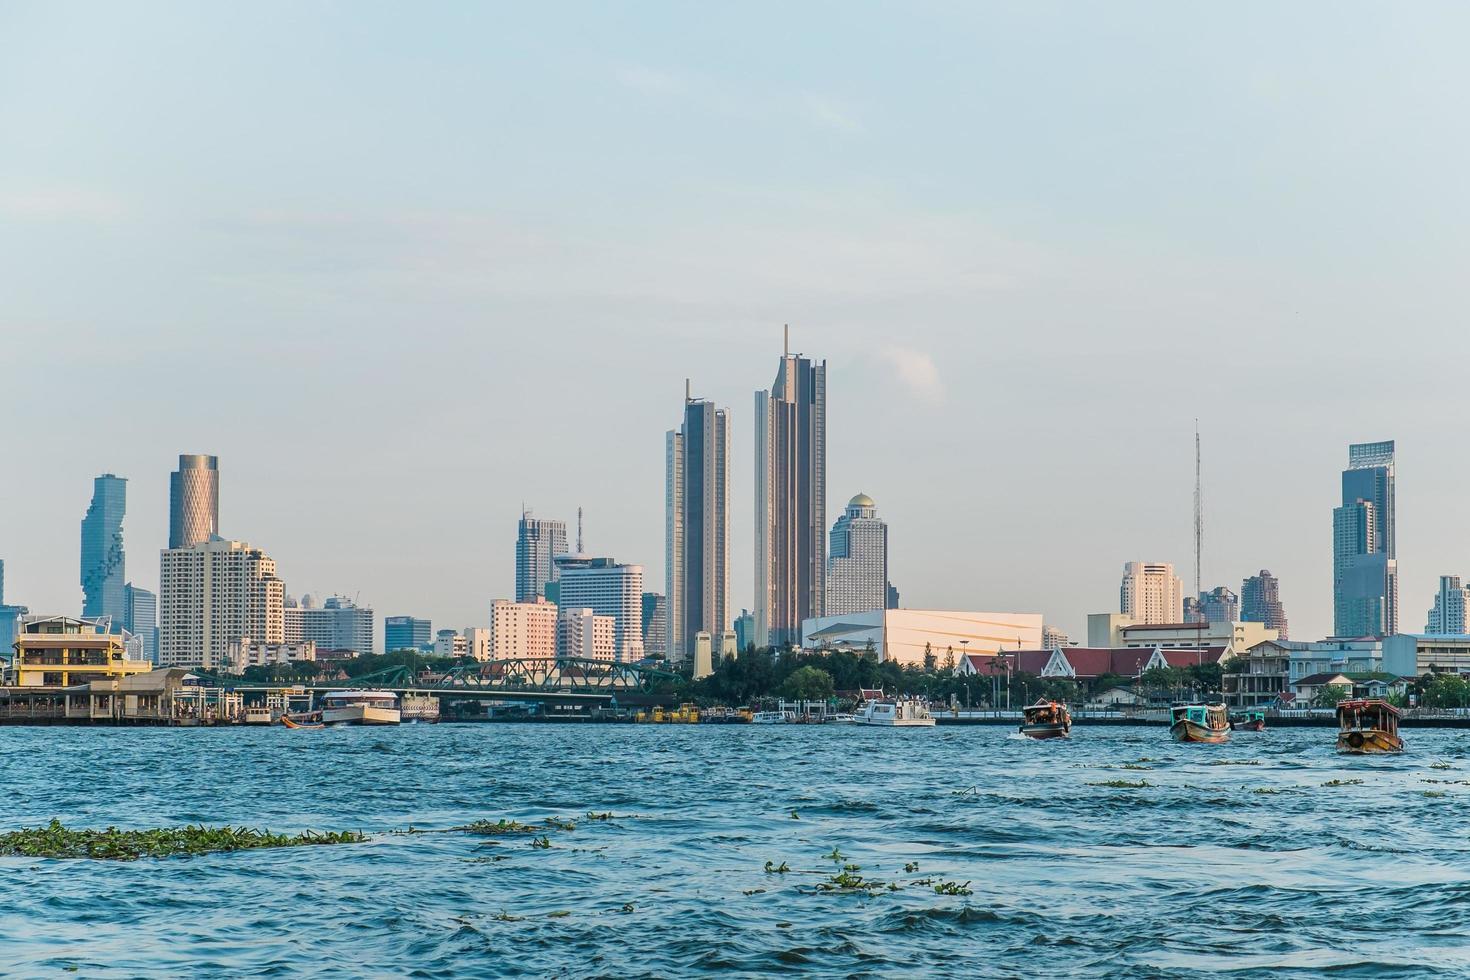 paisagem de edifícios na beira do rio chao phraya foto